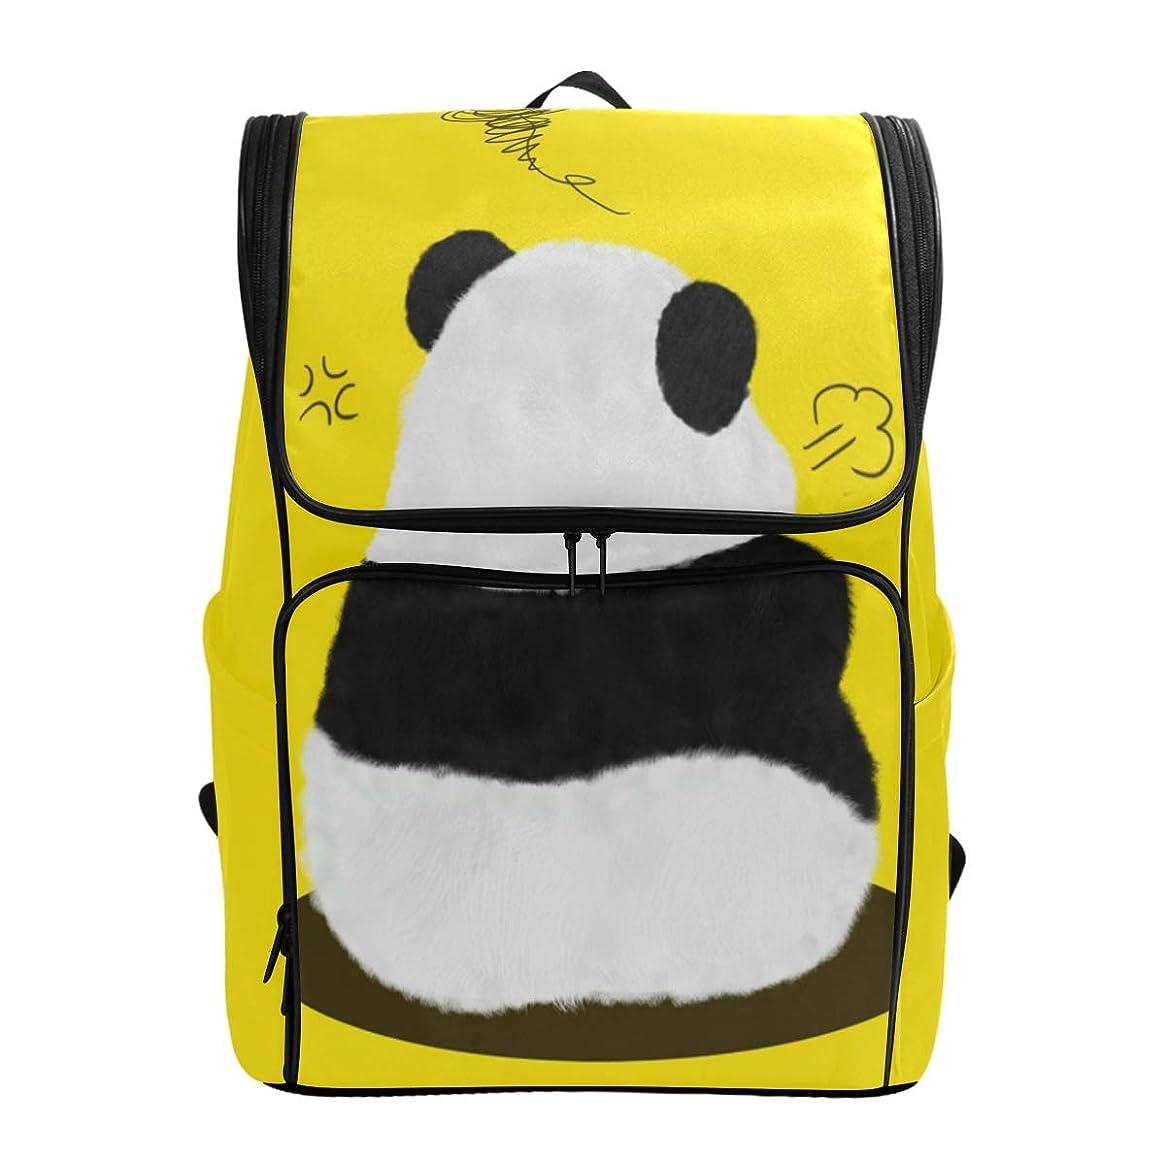 アンカーフォーマル船尾マキク(MAKIKU) リュック 大容量 リュックサック パンダ柄 かわいい イエロー 軽量 メンズ 登山 通学 通勤 旅行 プレゼント対応